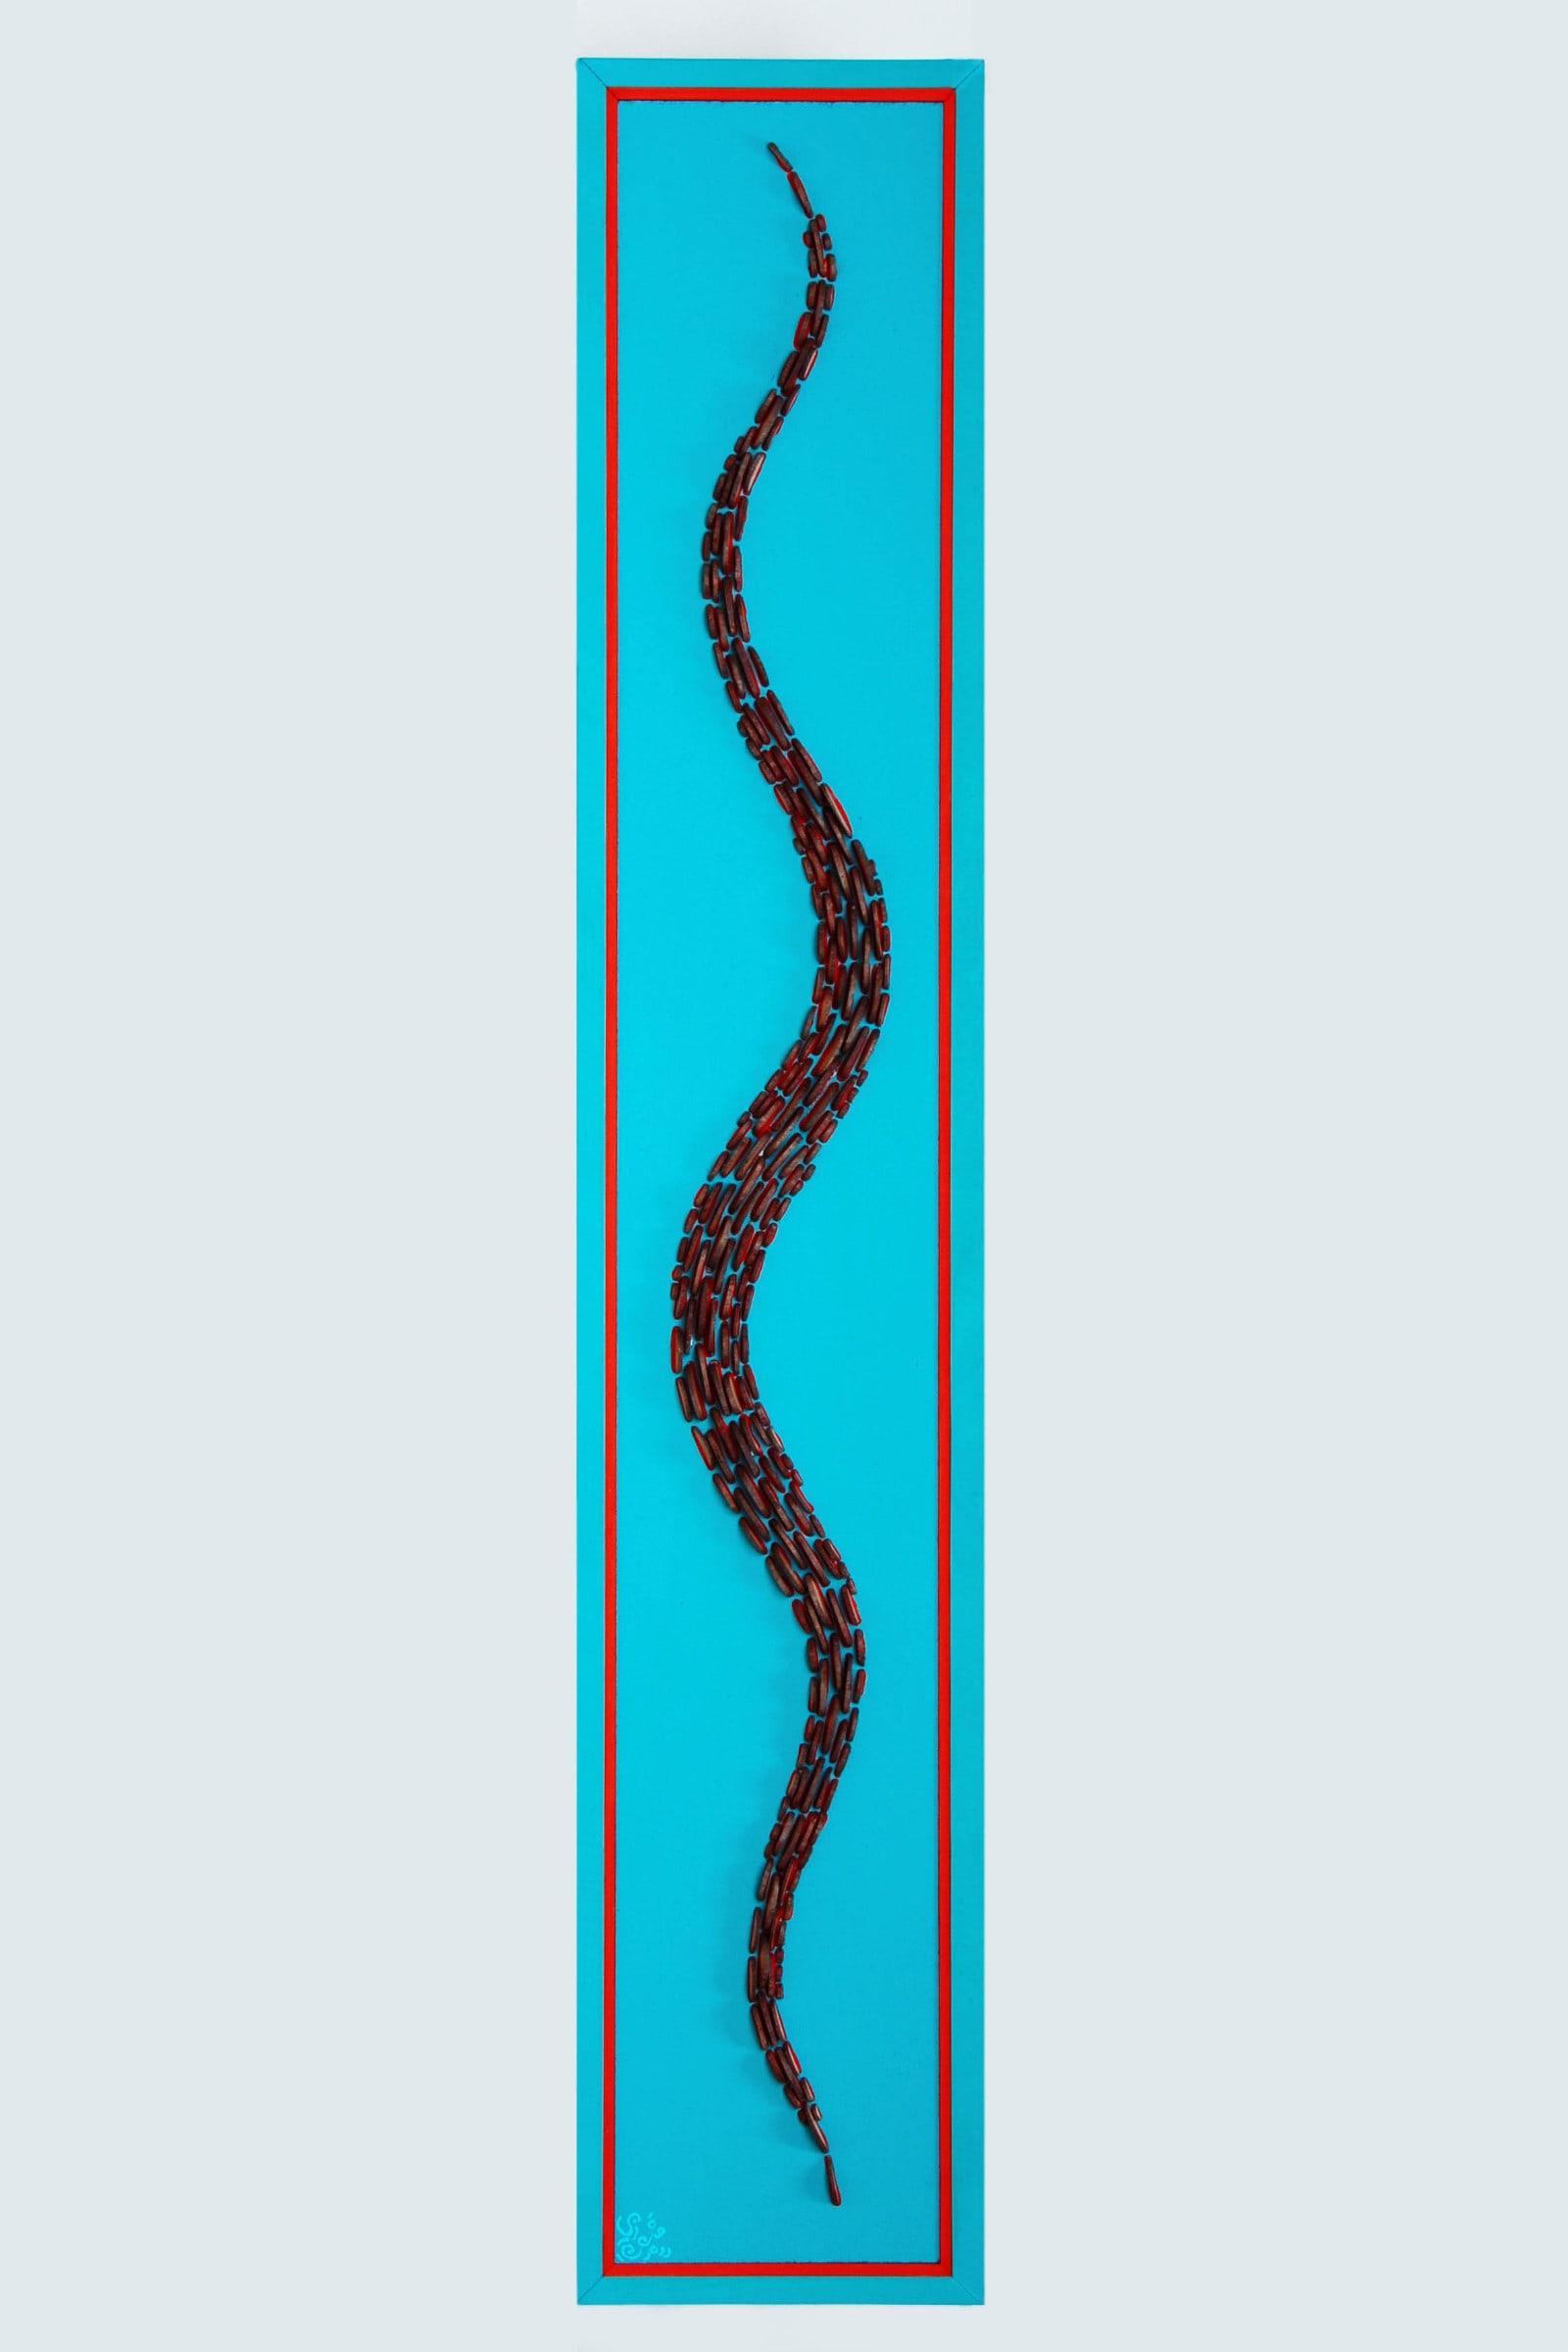 Bild 1,00 x 0,20m - Holzscheiben halbiert (2014) verk.